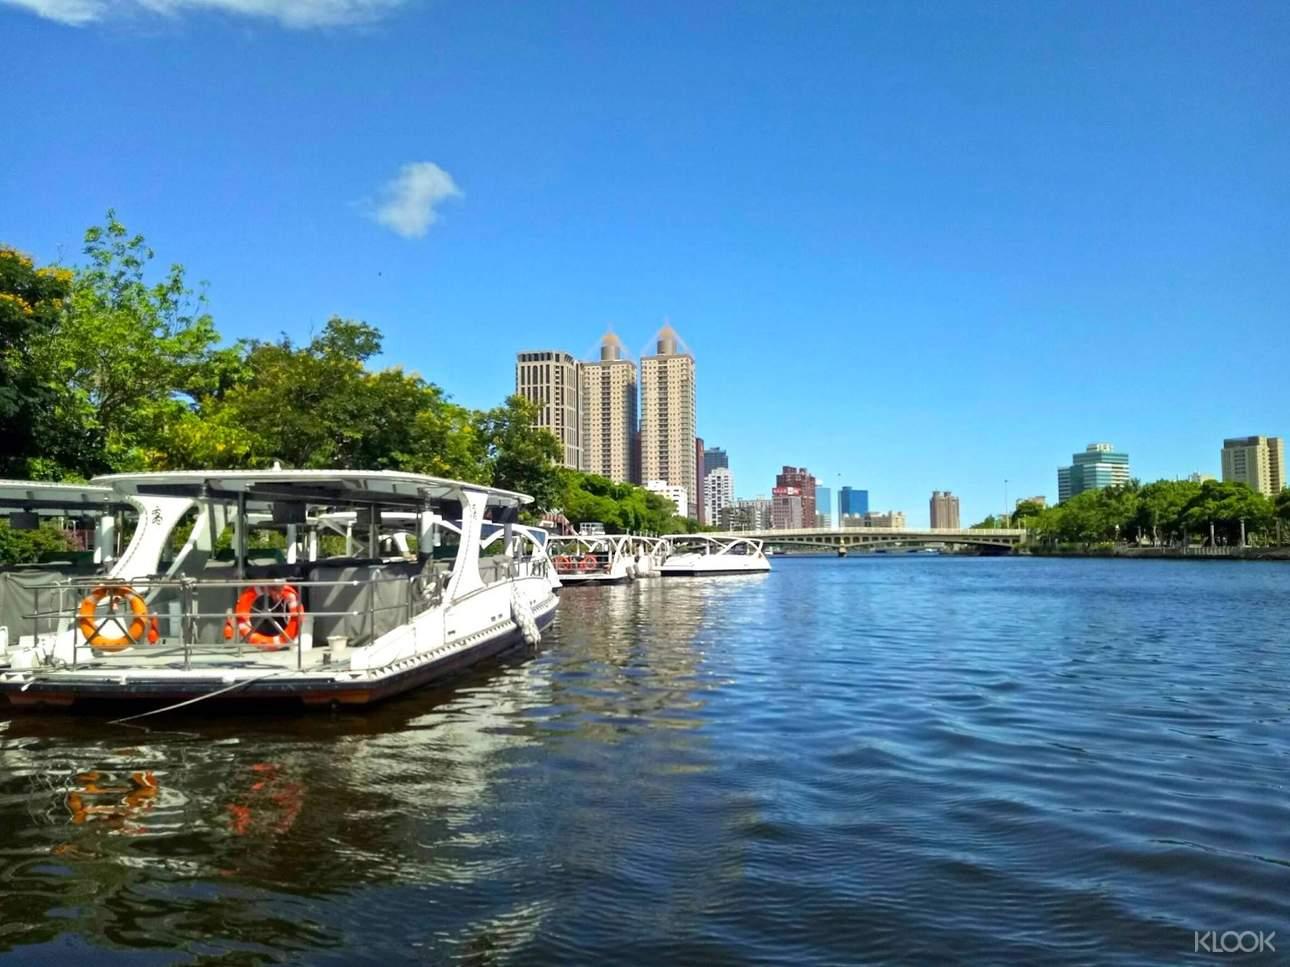 愛之船使用零噪音無污染的太陽能源,環保又節能減碳